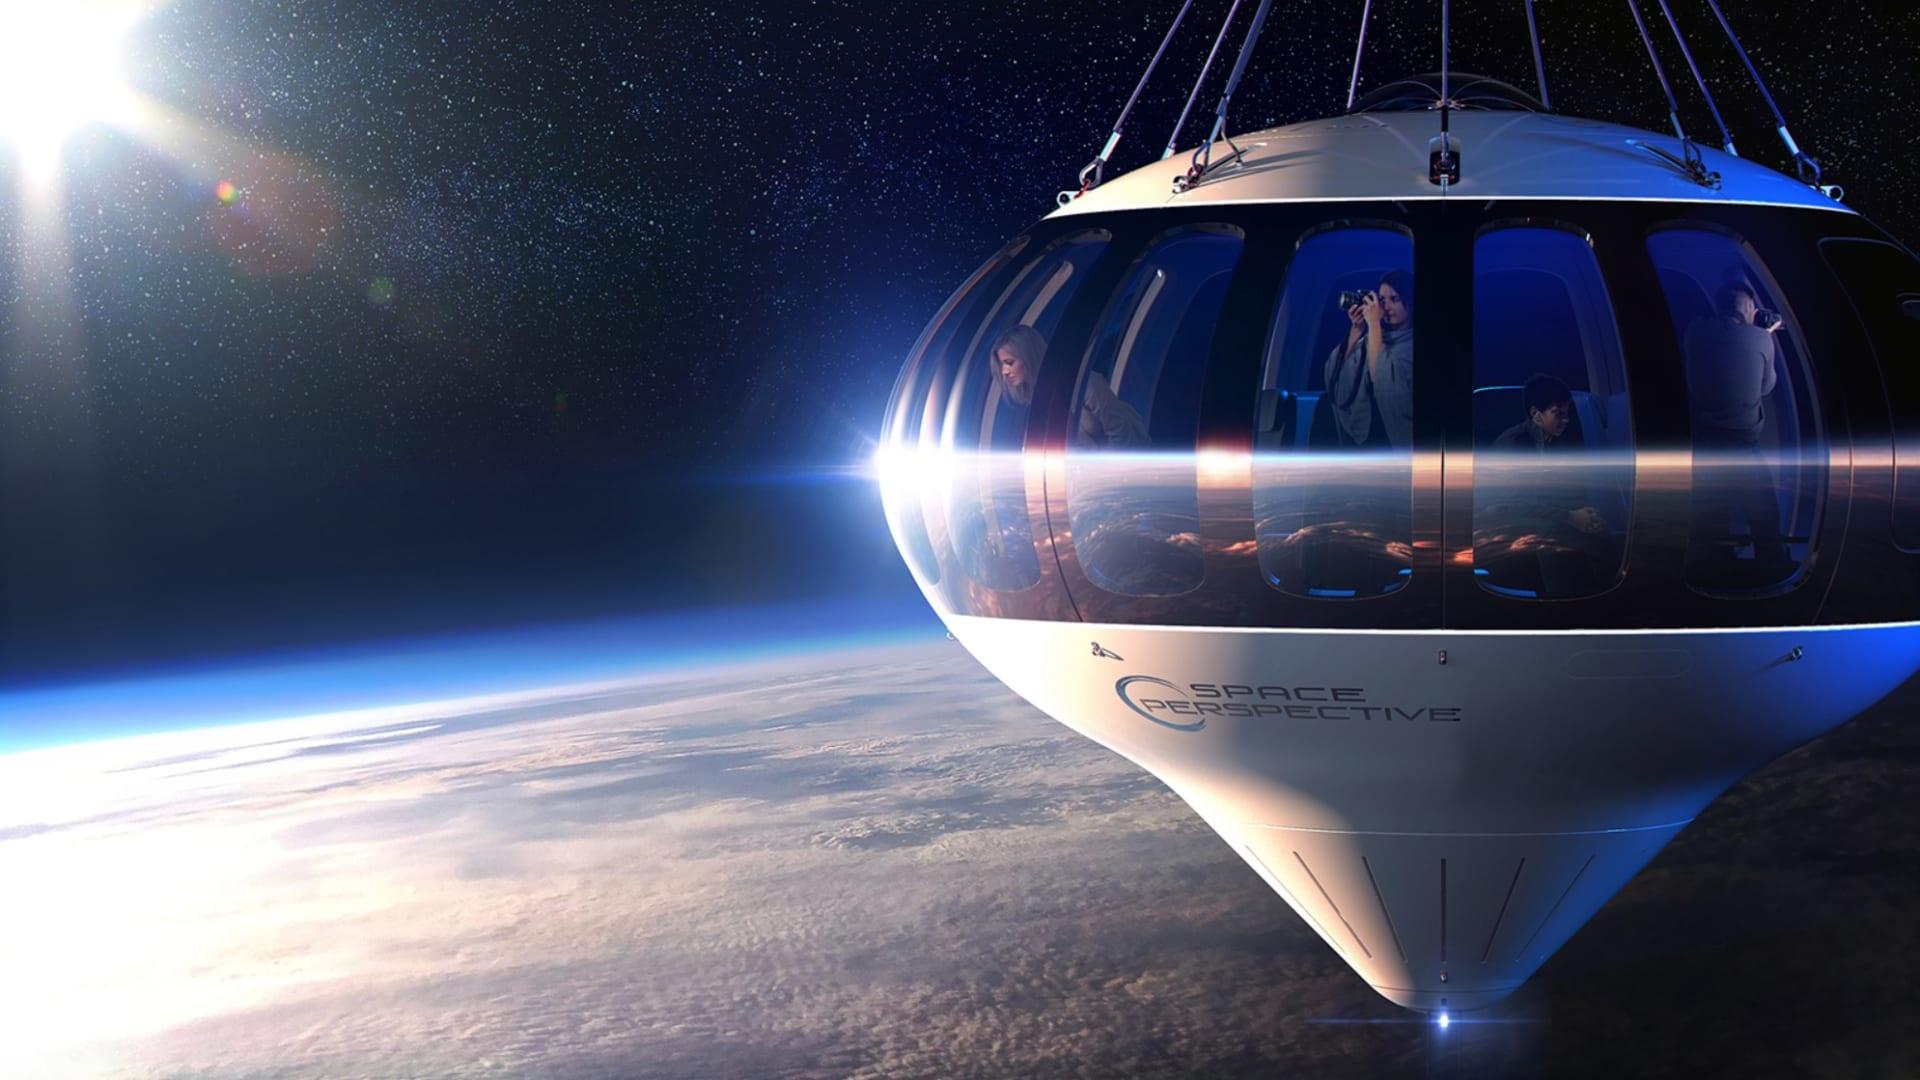 بالون بطول ملعب كرة قدم سيأخذك إلى حافة الفضاء لو كنت تملك 125 ألف دولار thumbnail